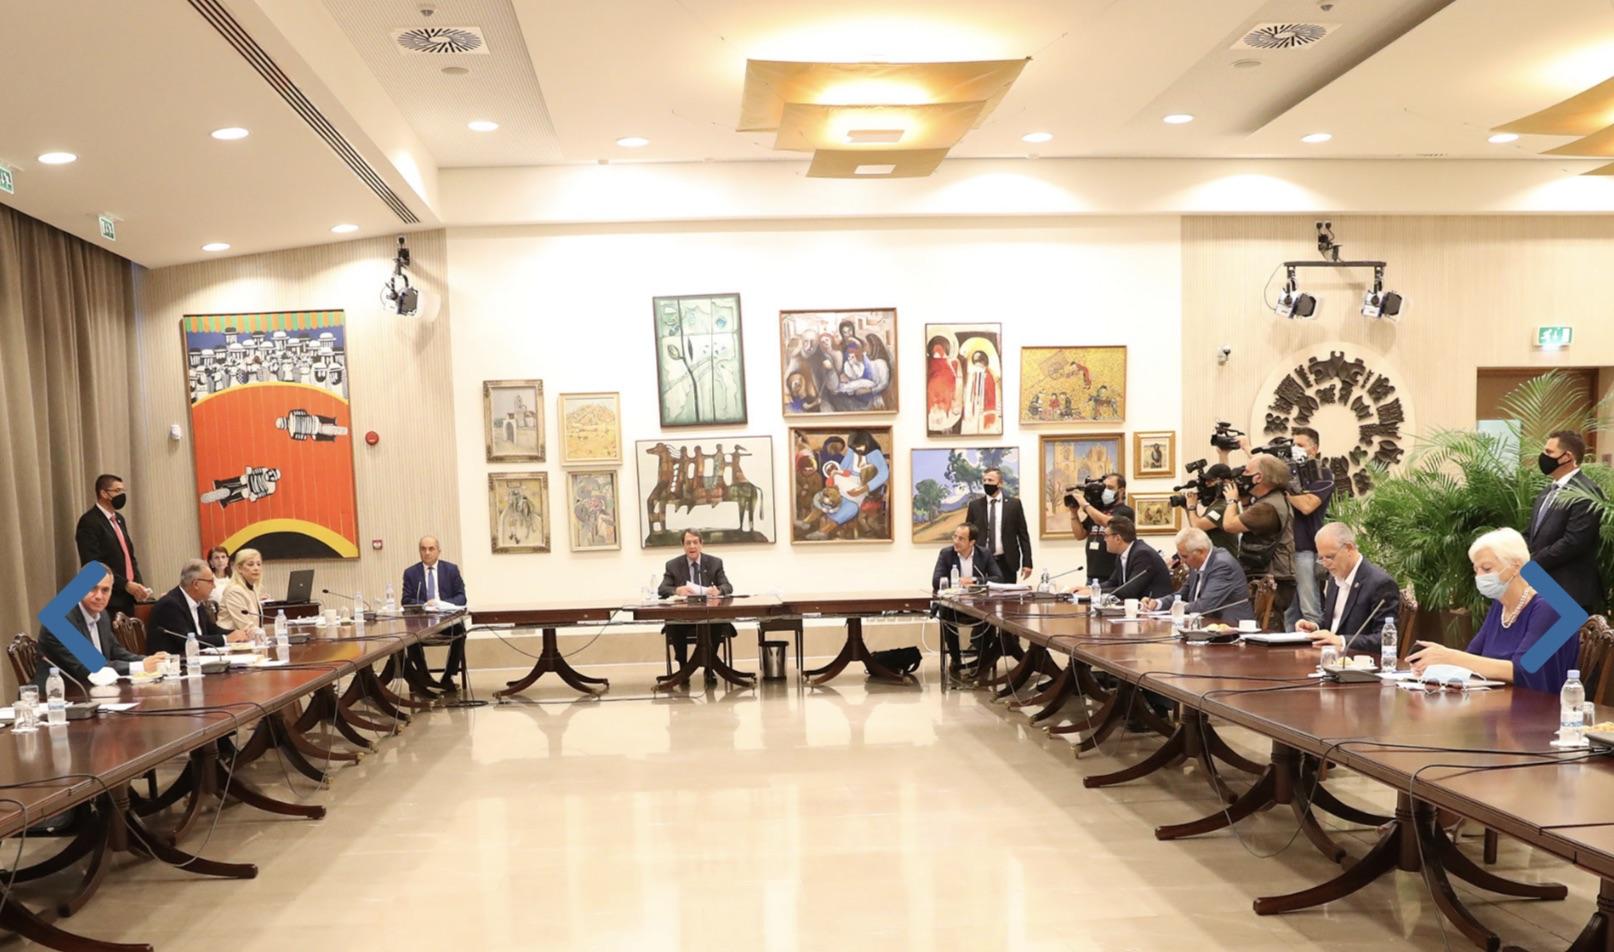 Κύπρος: Συνεδρίασε το Συμβούλιο Πολιτικών Αρχηγών